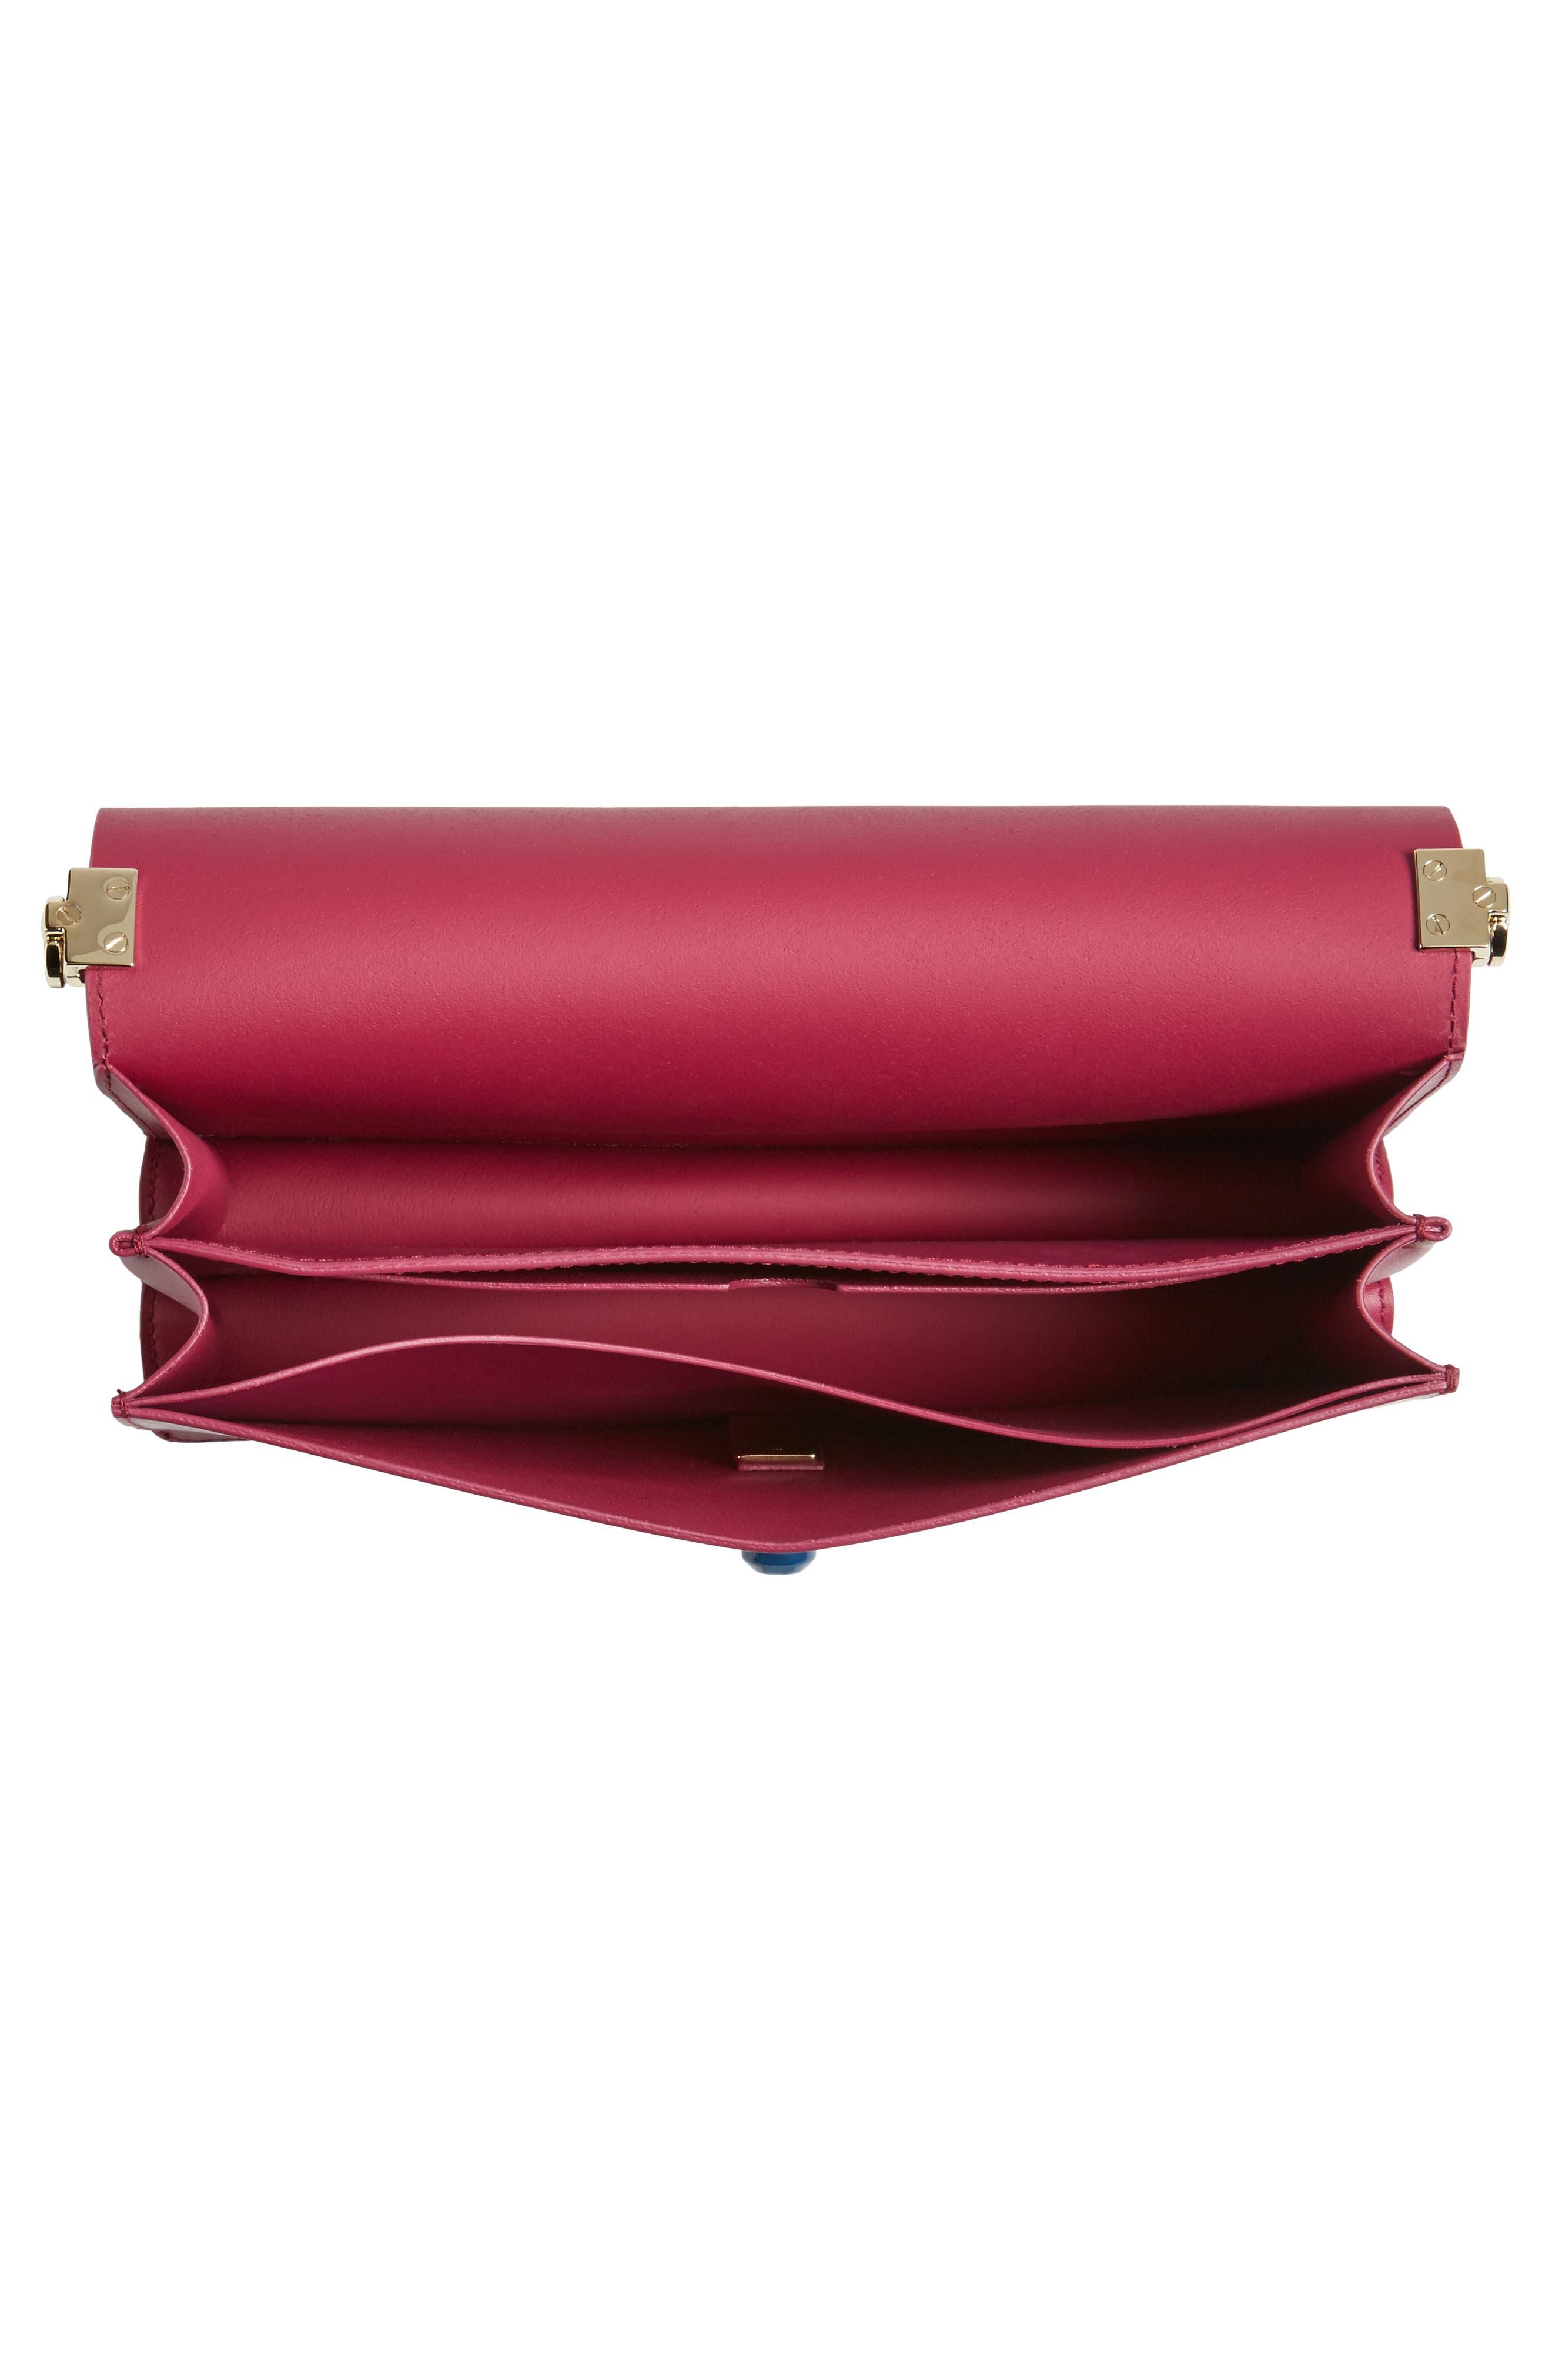 Snap Leather Shoulder Bag,                             Alternate thumbnail 4, color,                             Amarena